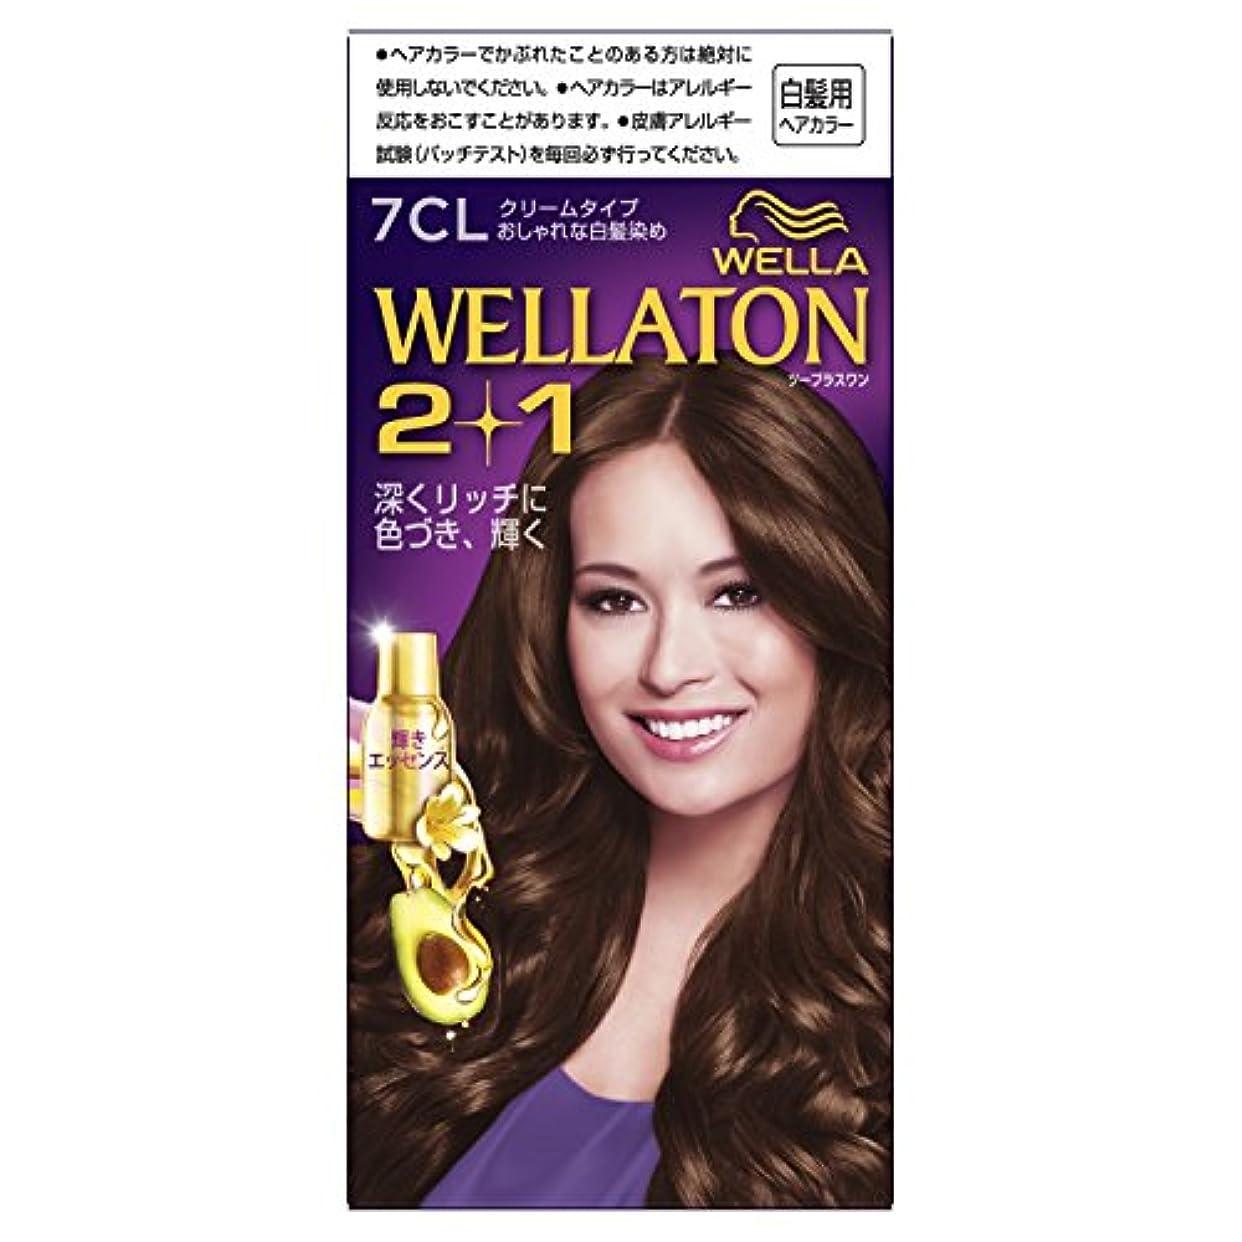 冷蔵庫法王検索ウエラトーン2+1 クリームタイプ 7CL [医薬部外品](おしゃれな白髪染め)